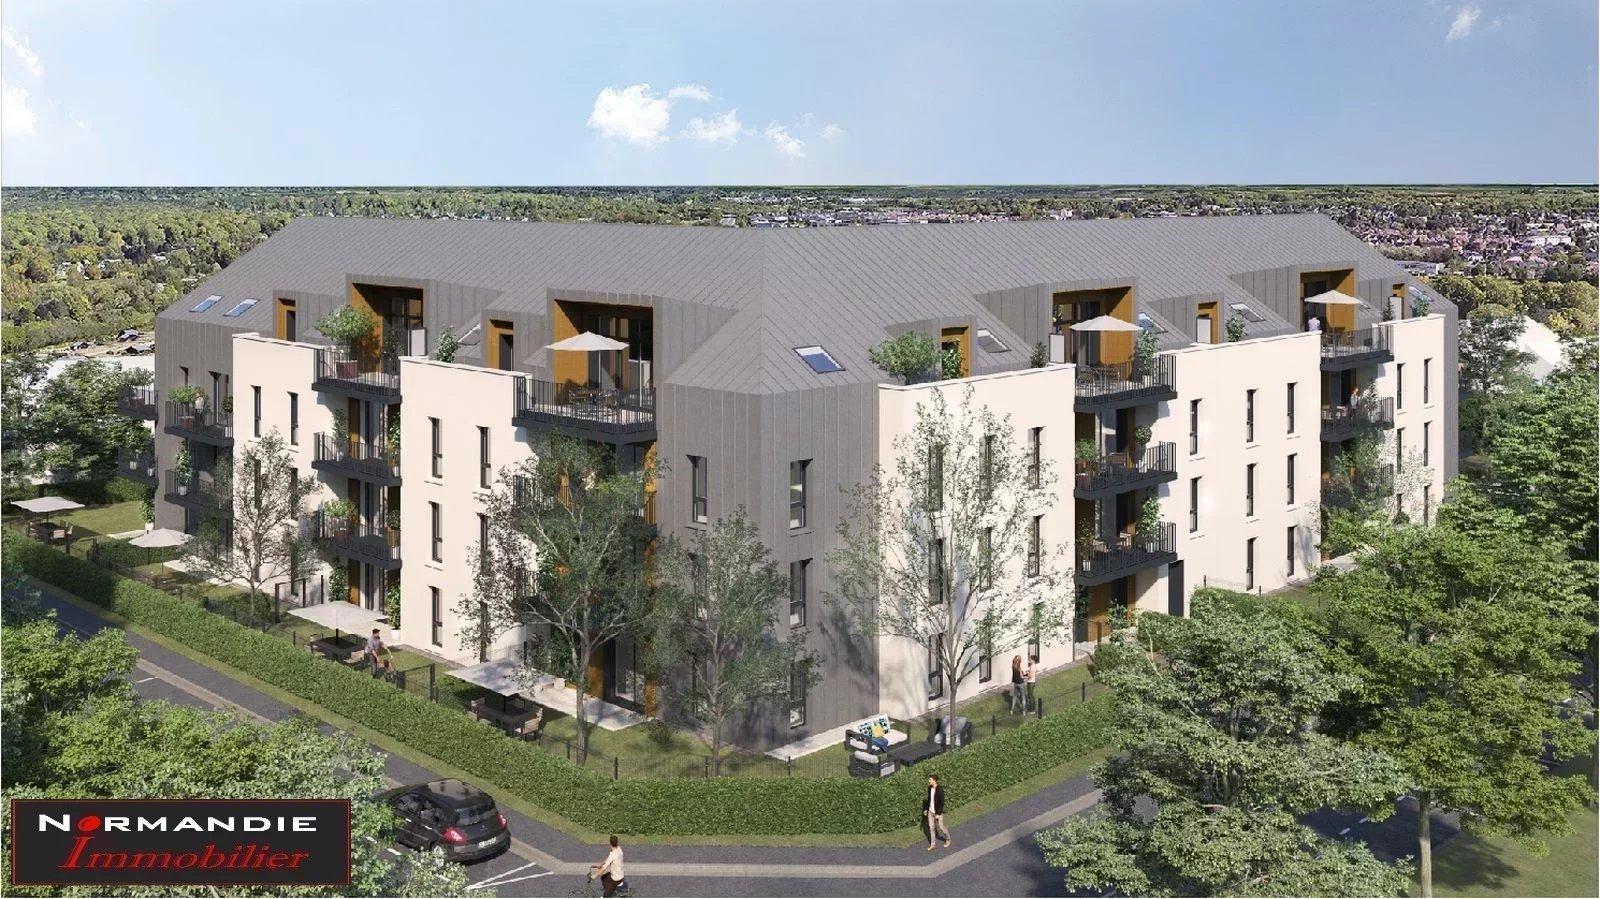 A vendre T4 NEUF Mont-St-Aignan